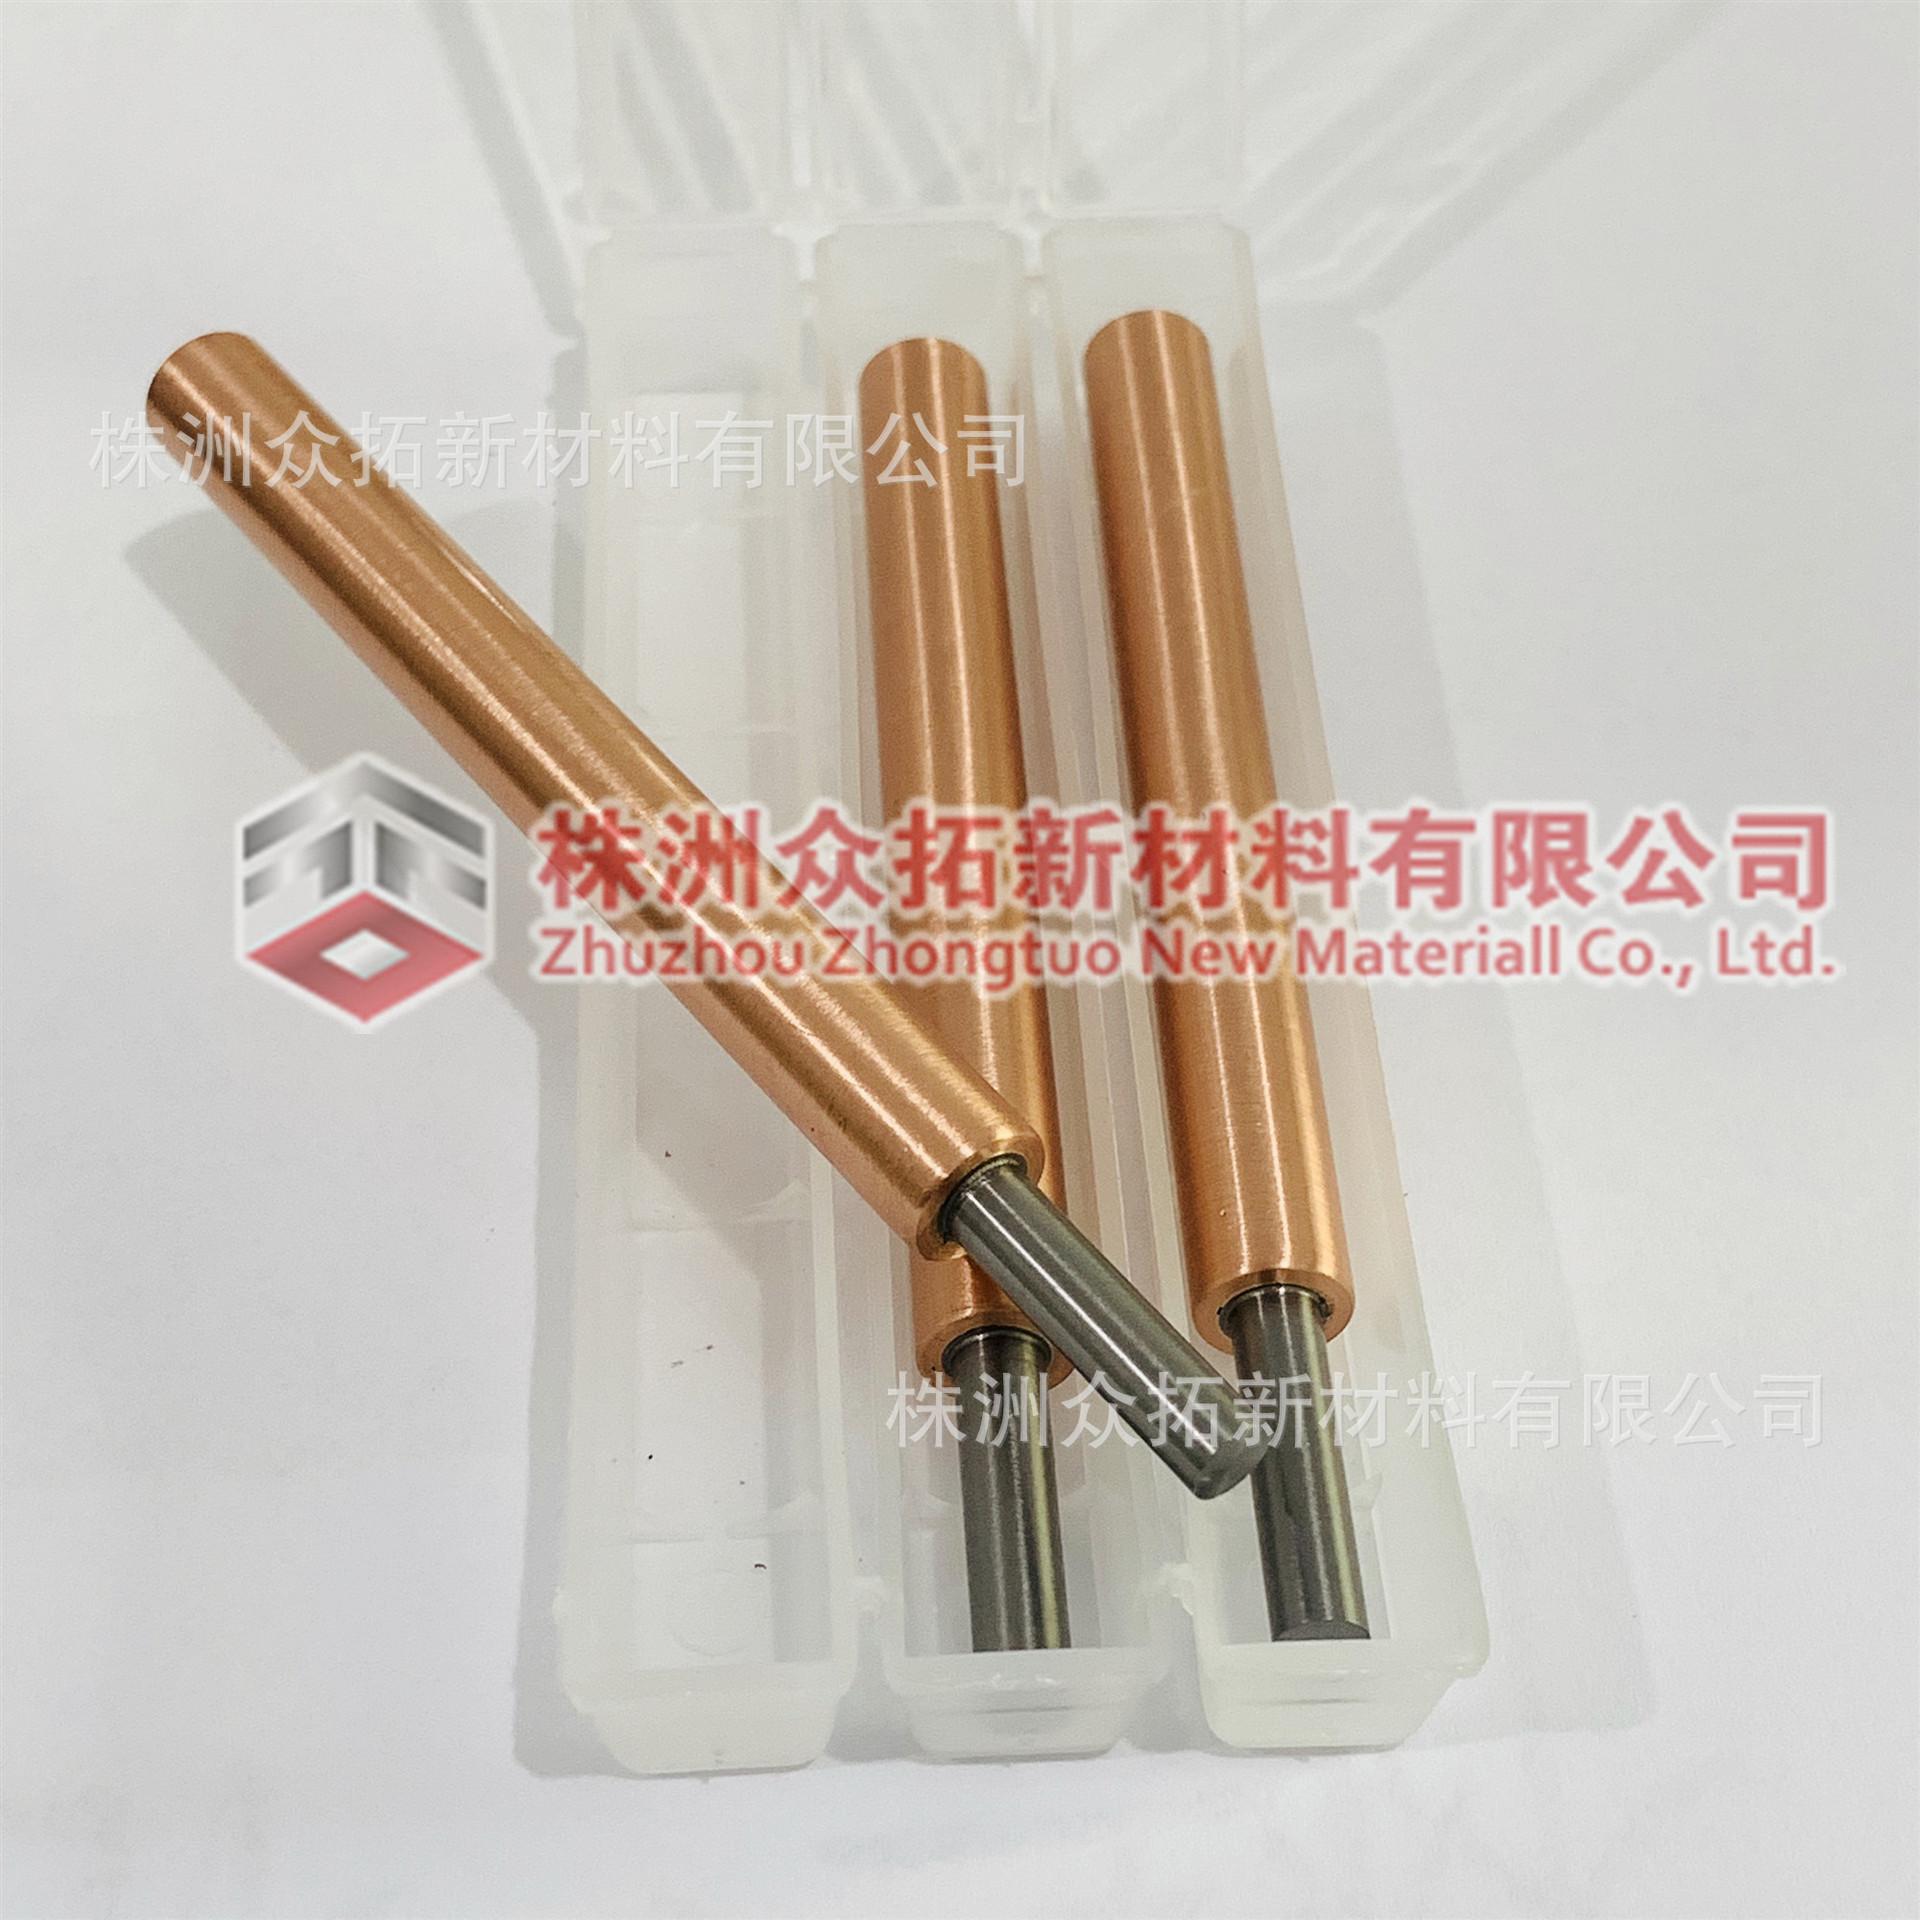 镶嵌电极 点焊电极电极头无孔无缝厂家可定制